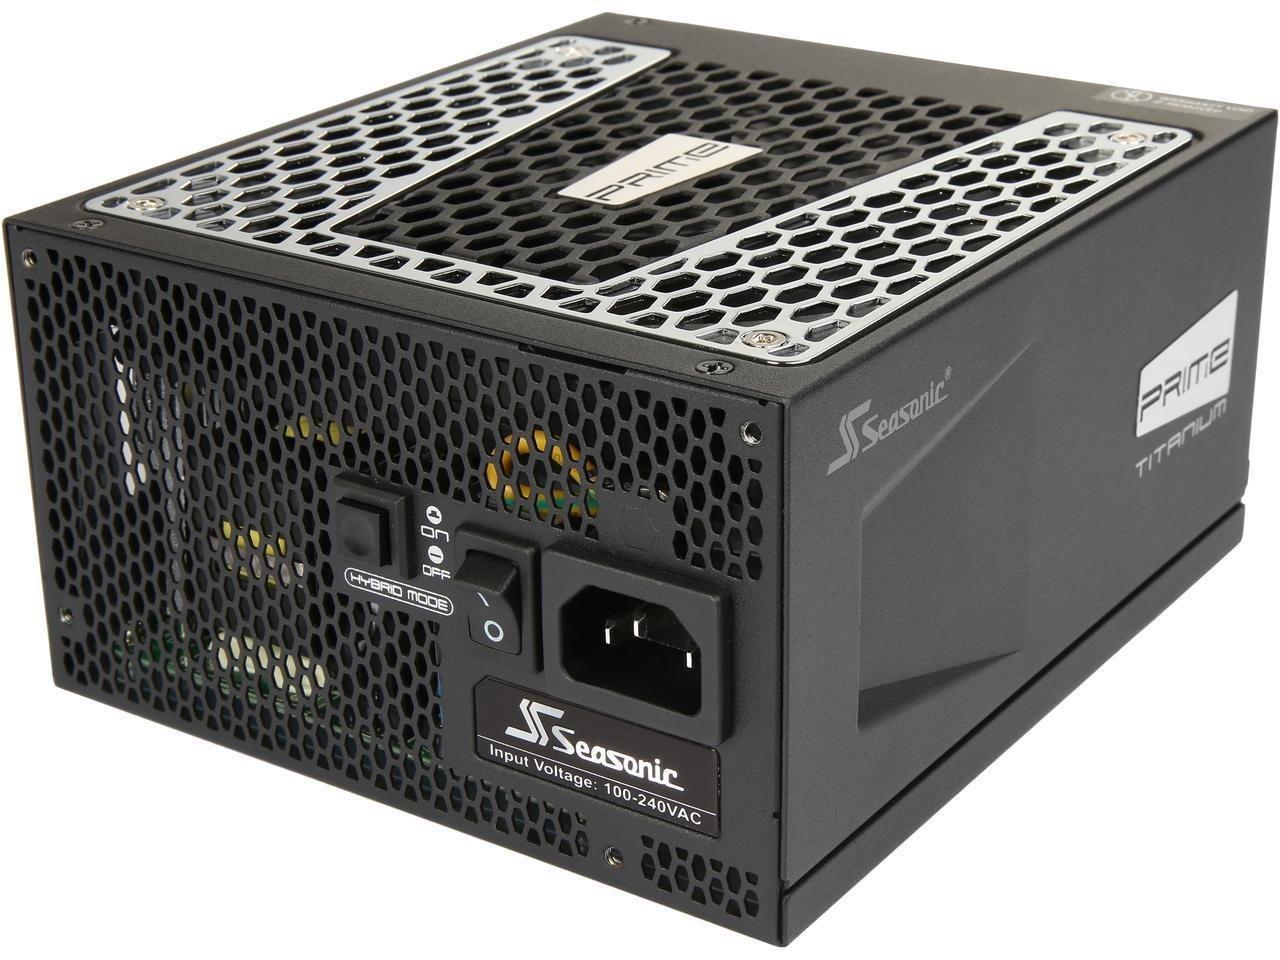 Seasonic PRIME Ultra 850W 80 PLUS Titanium Power Supply, Full Modular, 135mm FDB Fan w/Hybrid Fan Control, ATX12V & EPS12V, Poweron-Self Tester,- 12 yr Warranty SSR-850TR